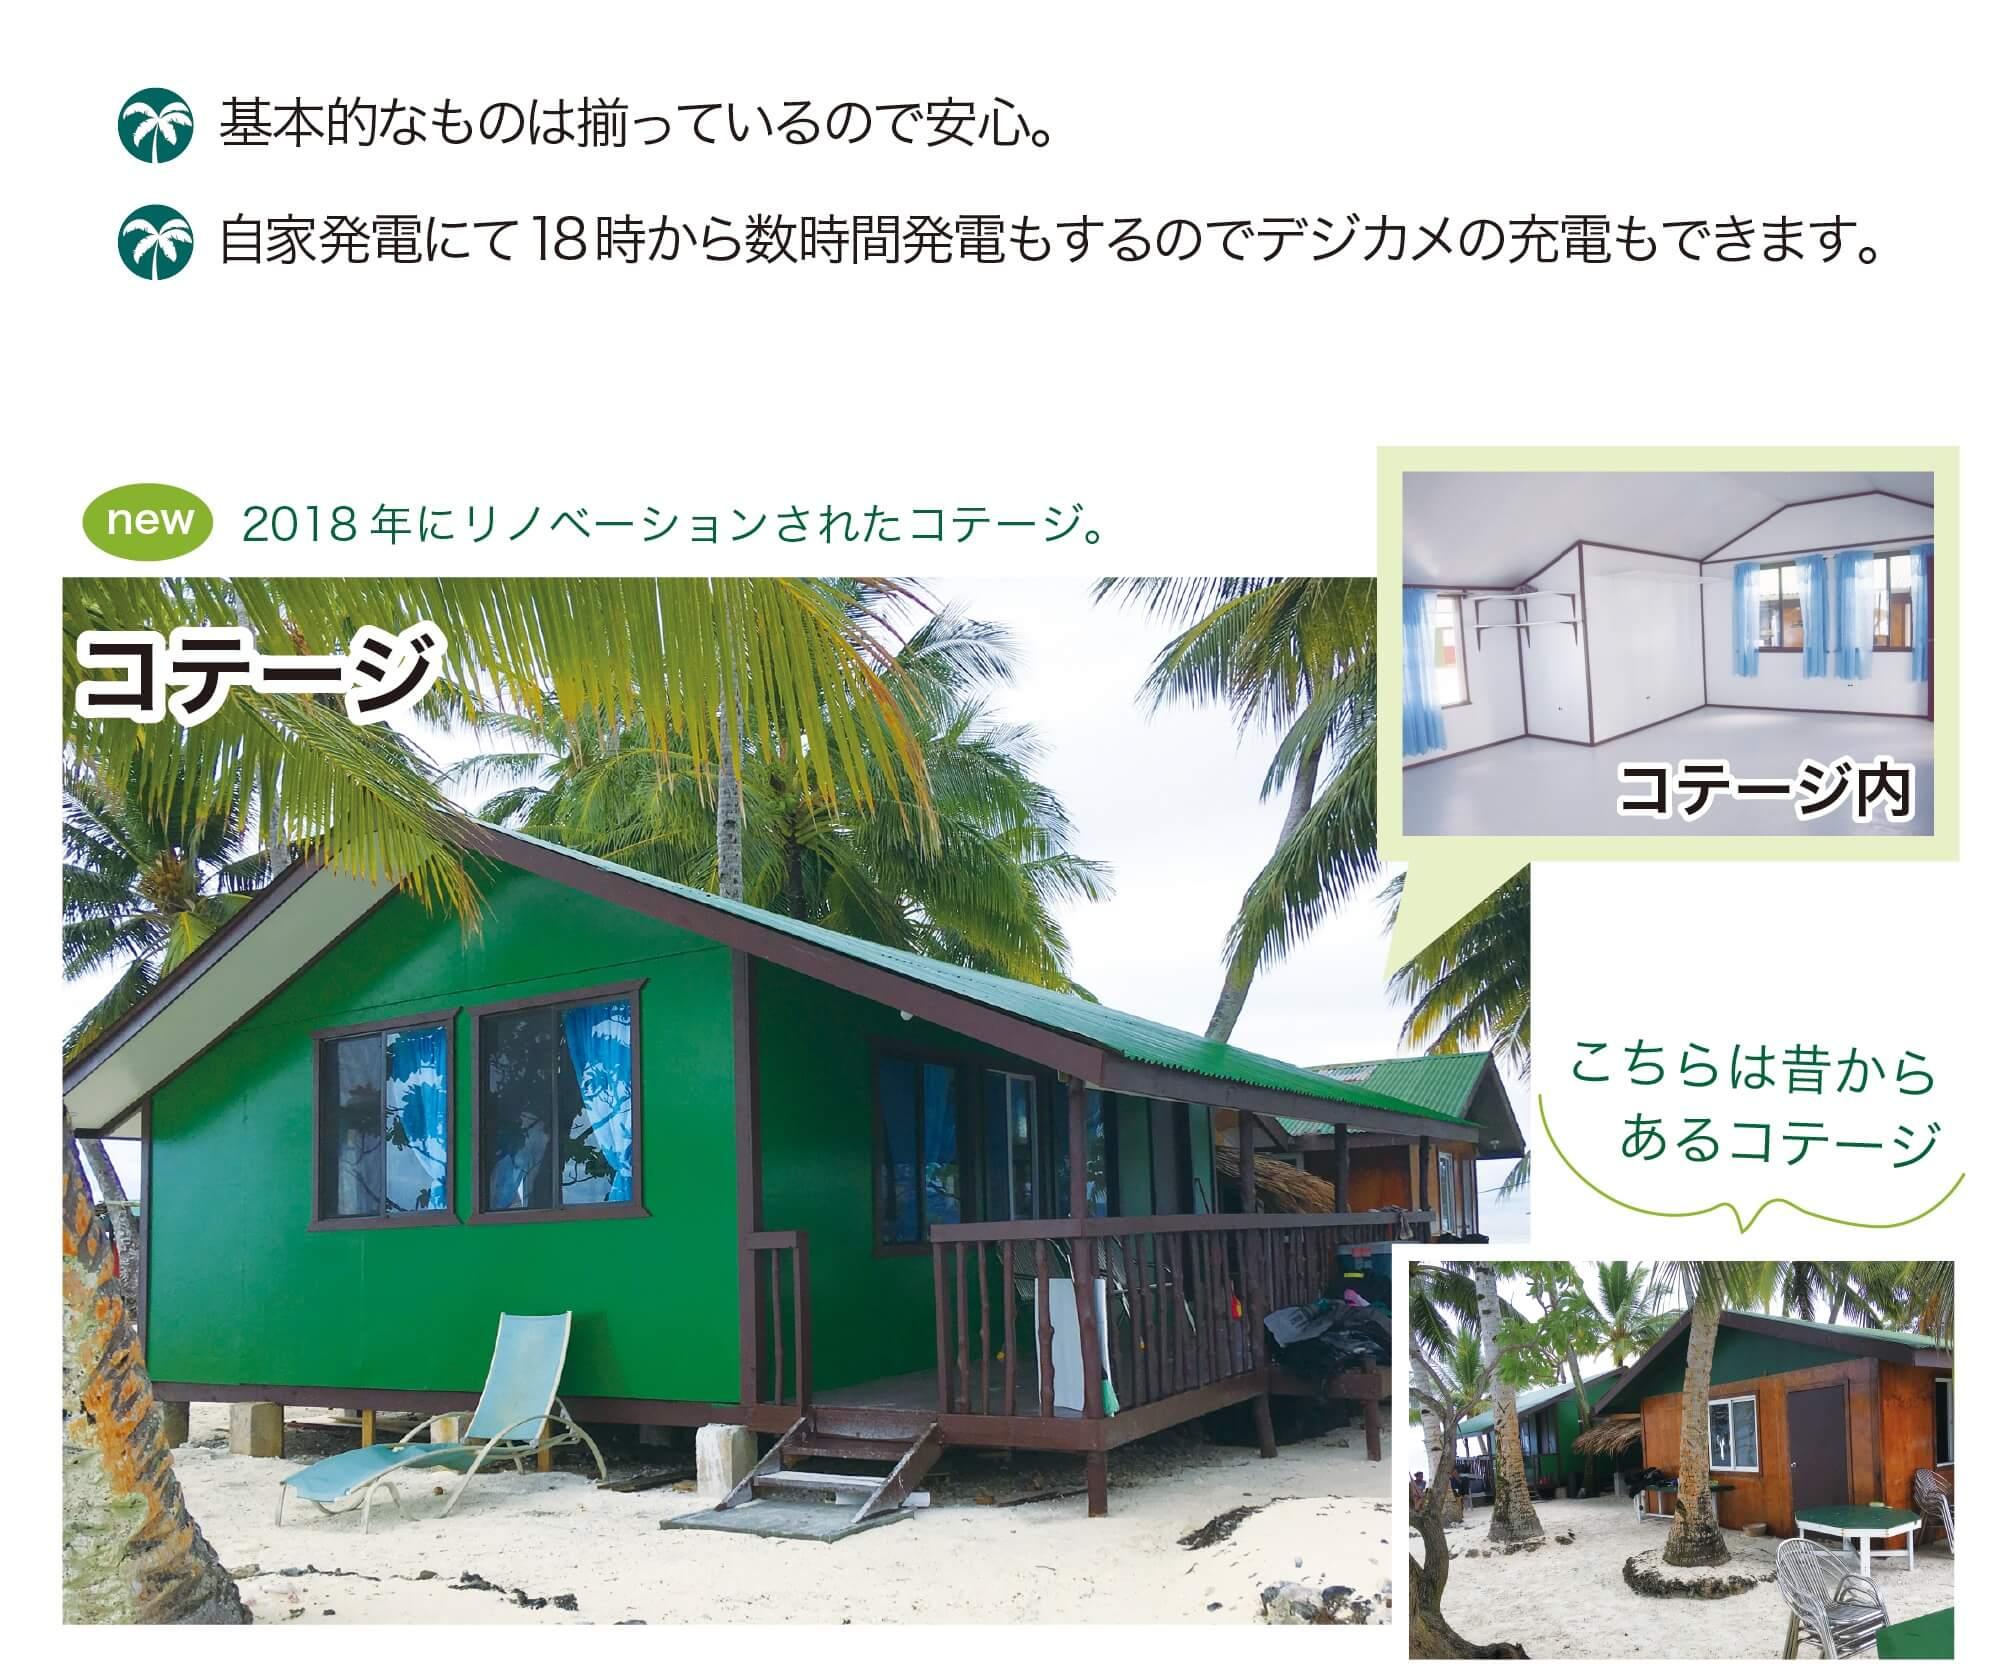 ジープ島の施設